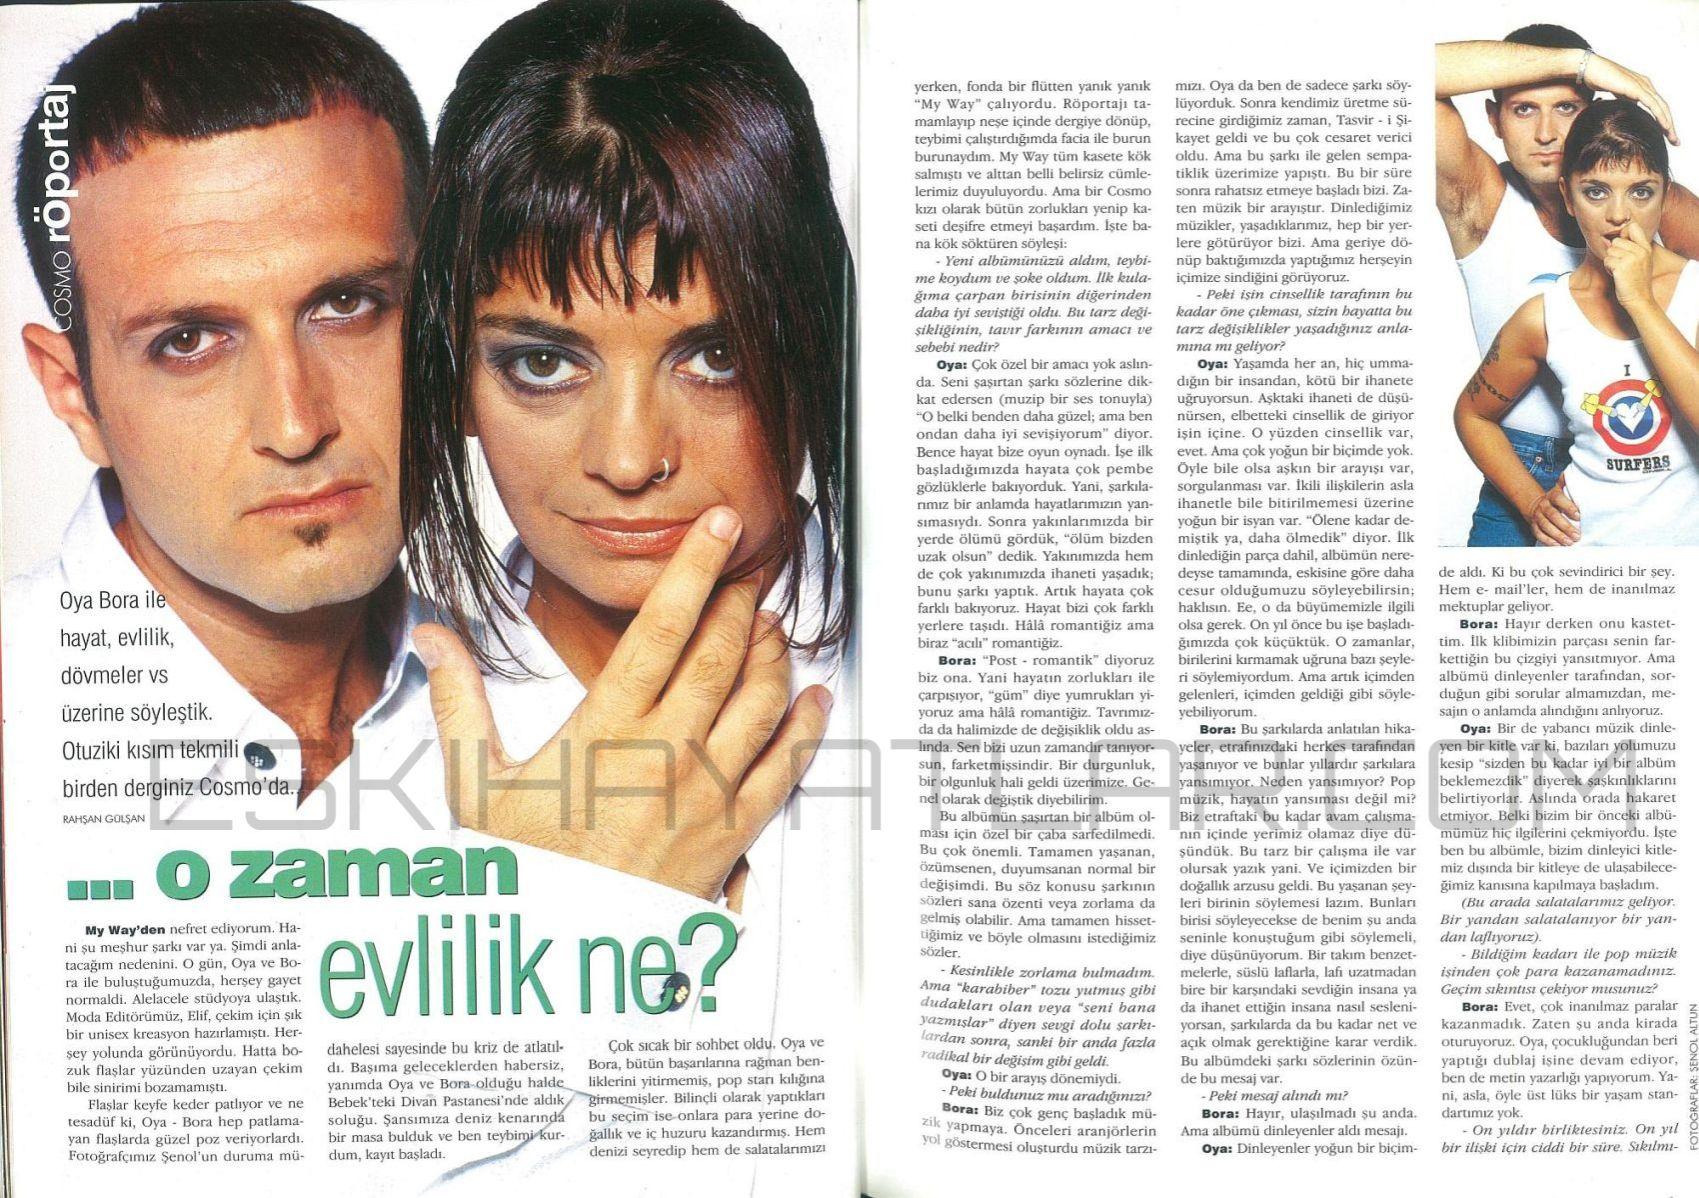 0290-oya-kucumen-1997-bora-ebeoglu-cosmopolitan-dergisi (6)